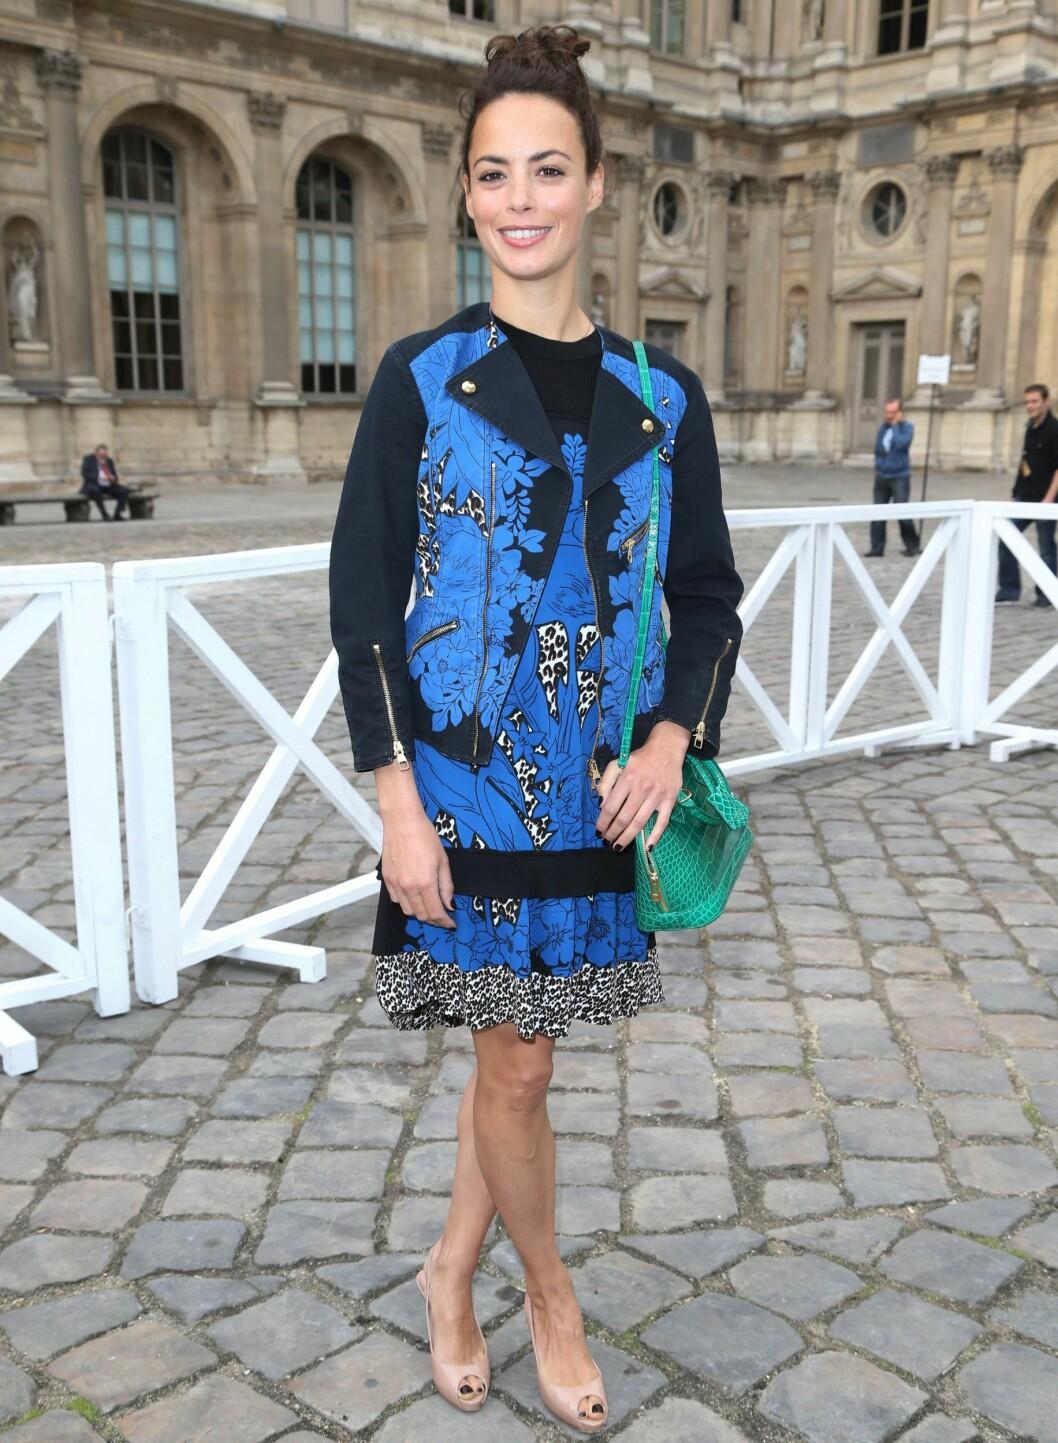 Berenice Bejo i matchende kjole og jakke. Foto: All Over Press